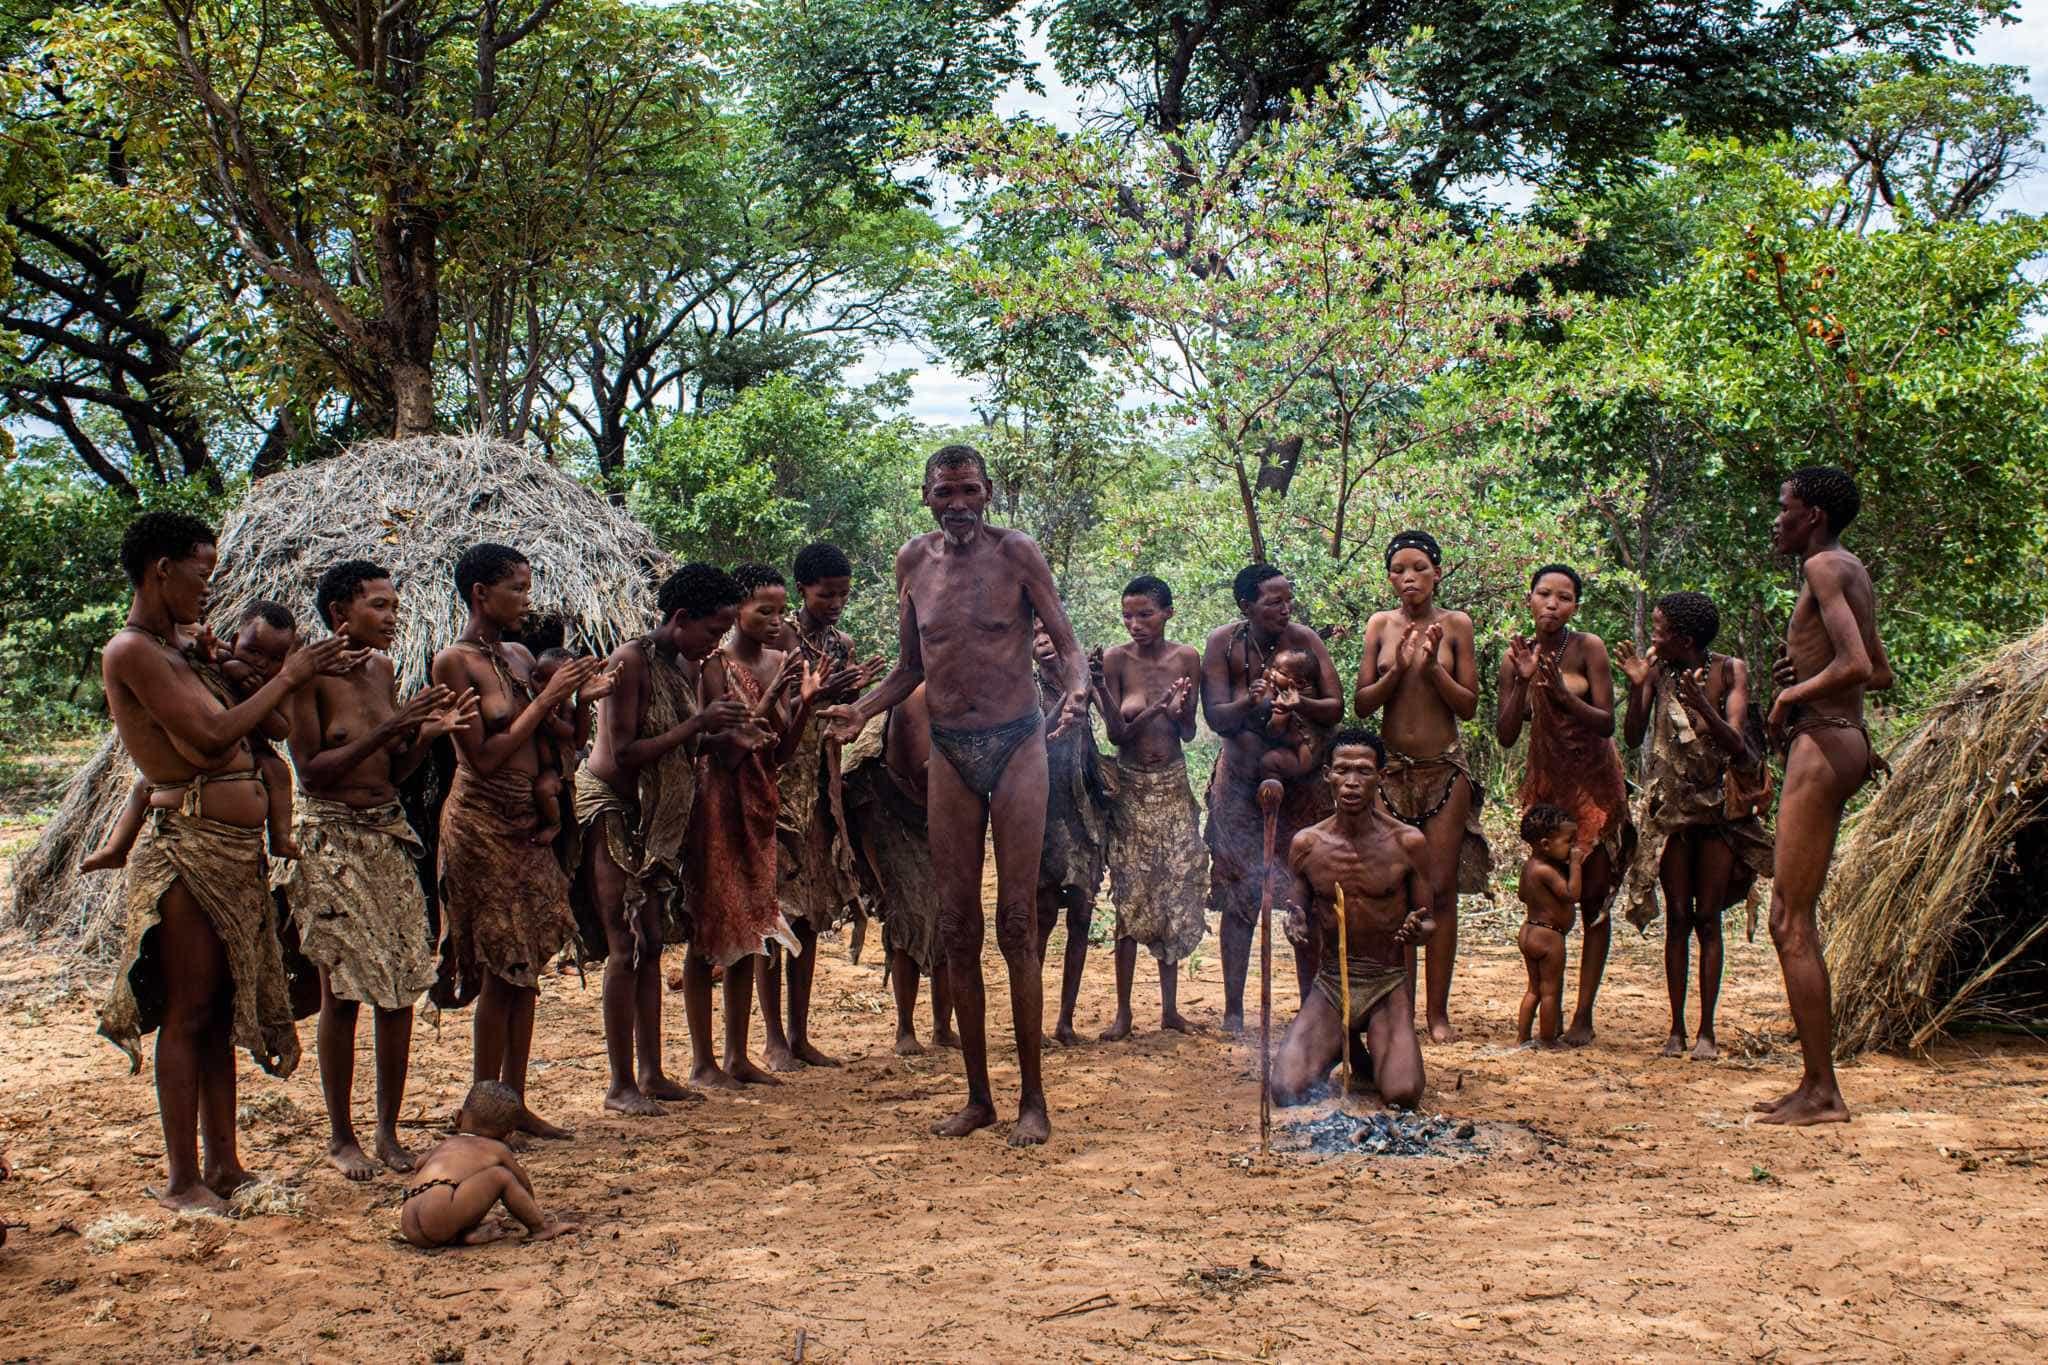 the san bushmen gather for a healing dance wearing traditional clothing